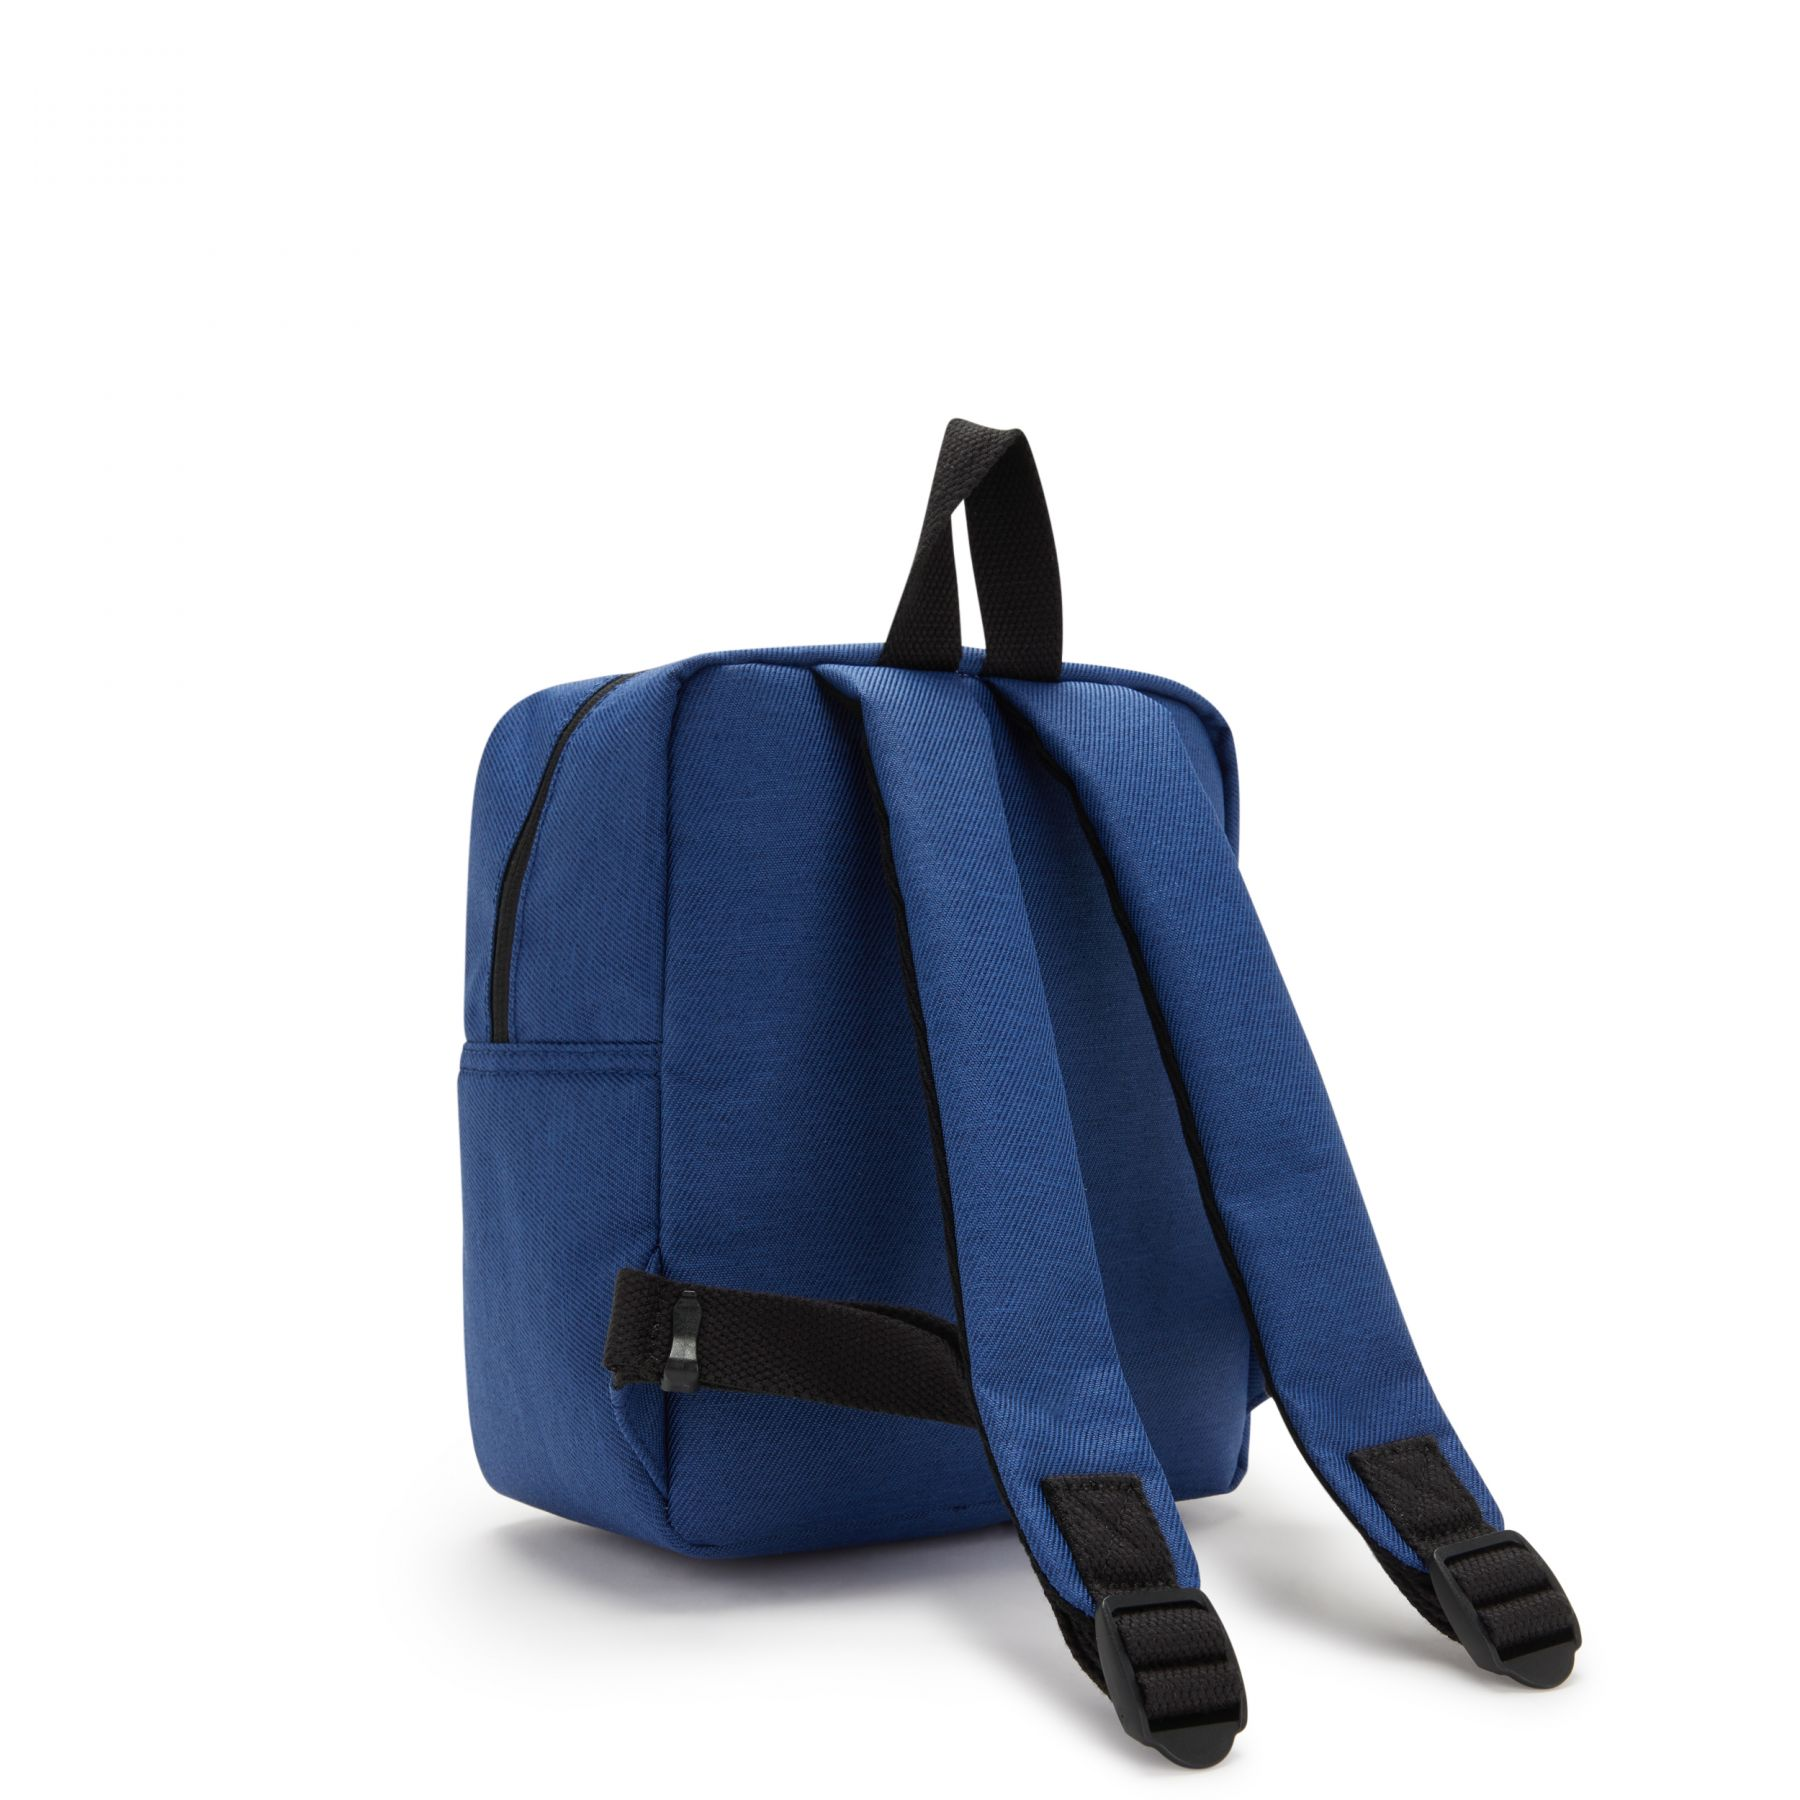 SOO SCHOOL BAGS by Kipling